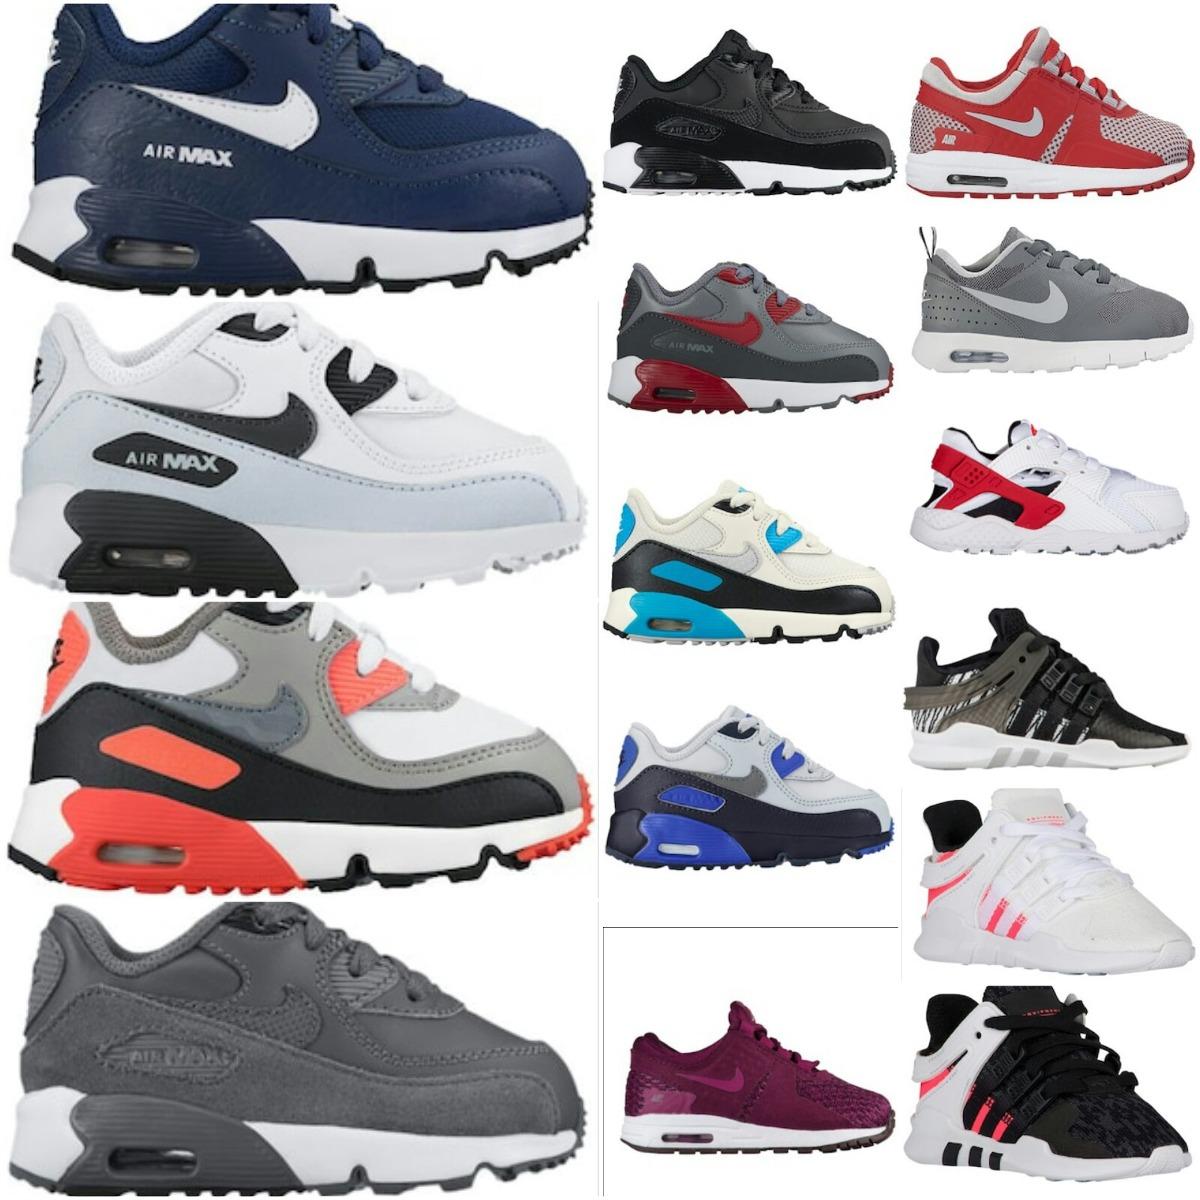 4025c7d1 Zapatillas adidas Nike De Niños 20 Al 27 100% Originales - S/ 265,00 ...